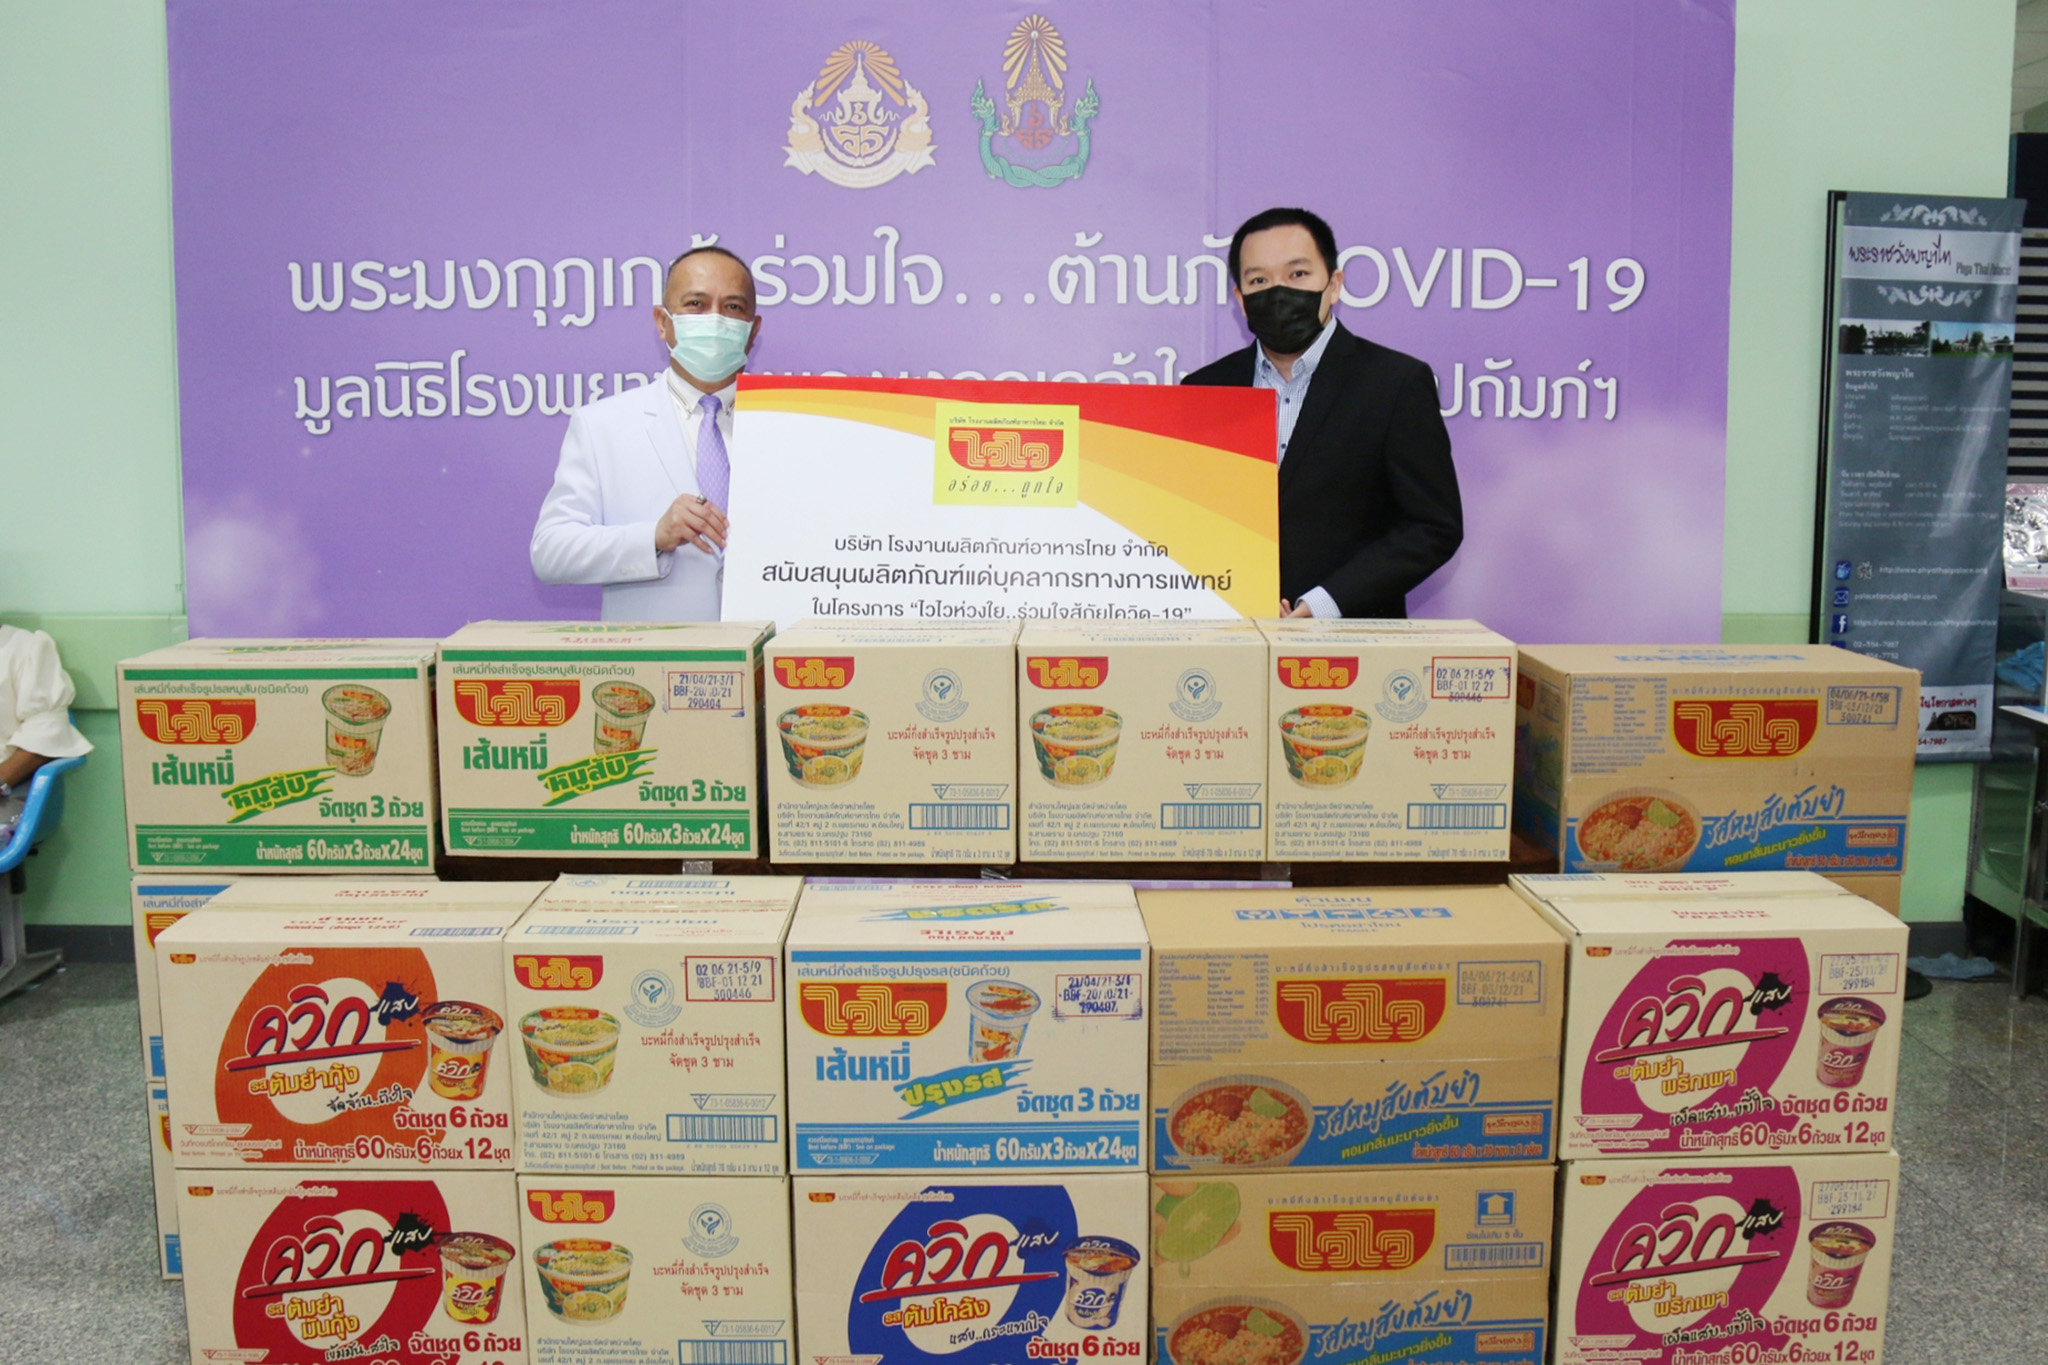 """โรงงานผลิตภัณฑ์อาหารไทย  จัด """"โครงการไวไวห่วงใย...ร่วมใจสู้ภัยโควิด-19""""  ส่งพลังใจสู้!! สู่ทีมแพทย์"""